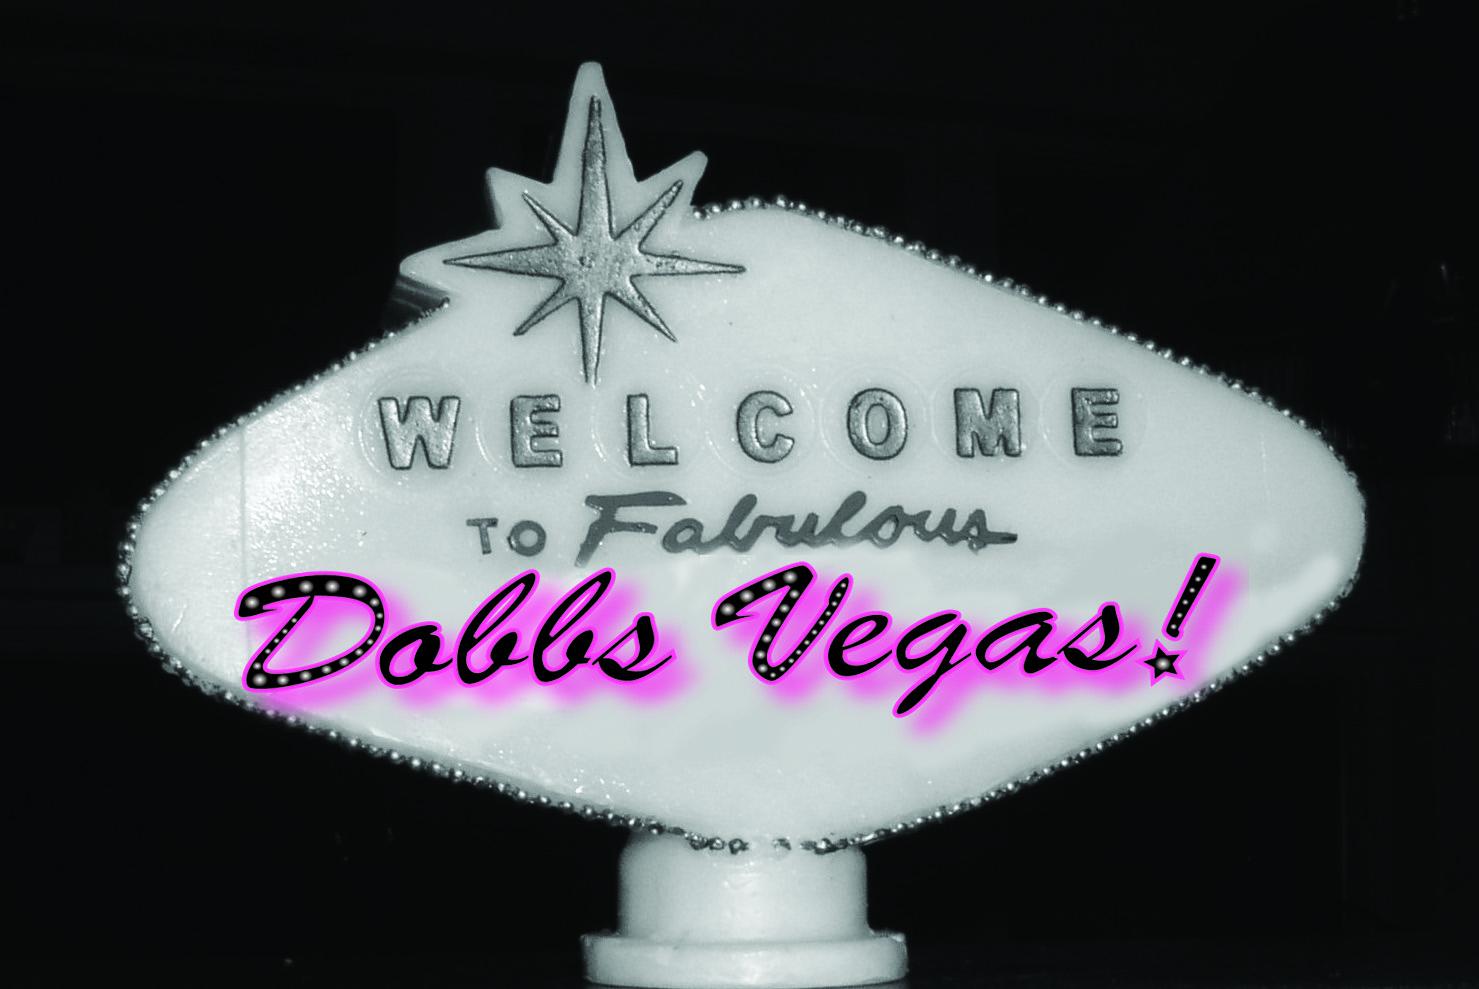 Viva Dobbs Vegas: 2005